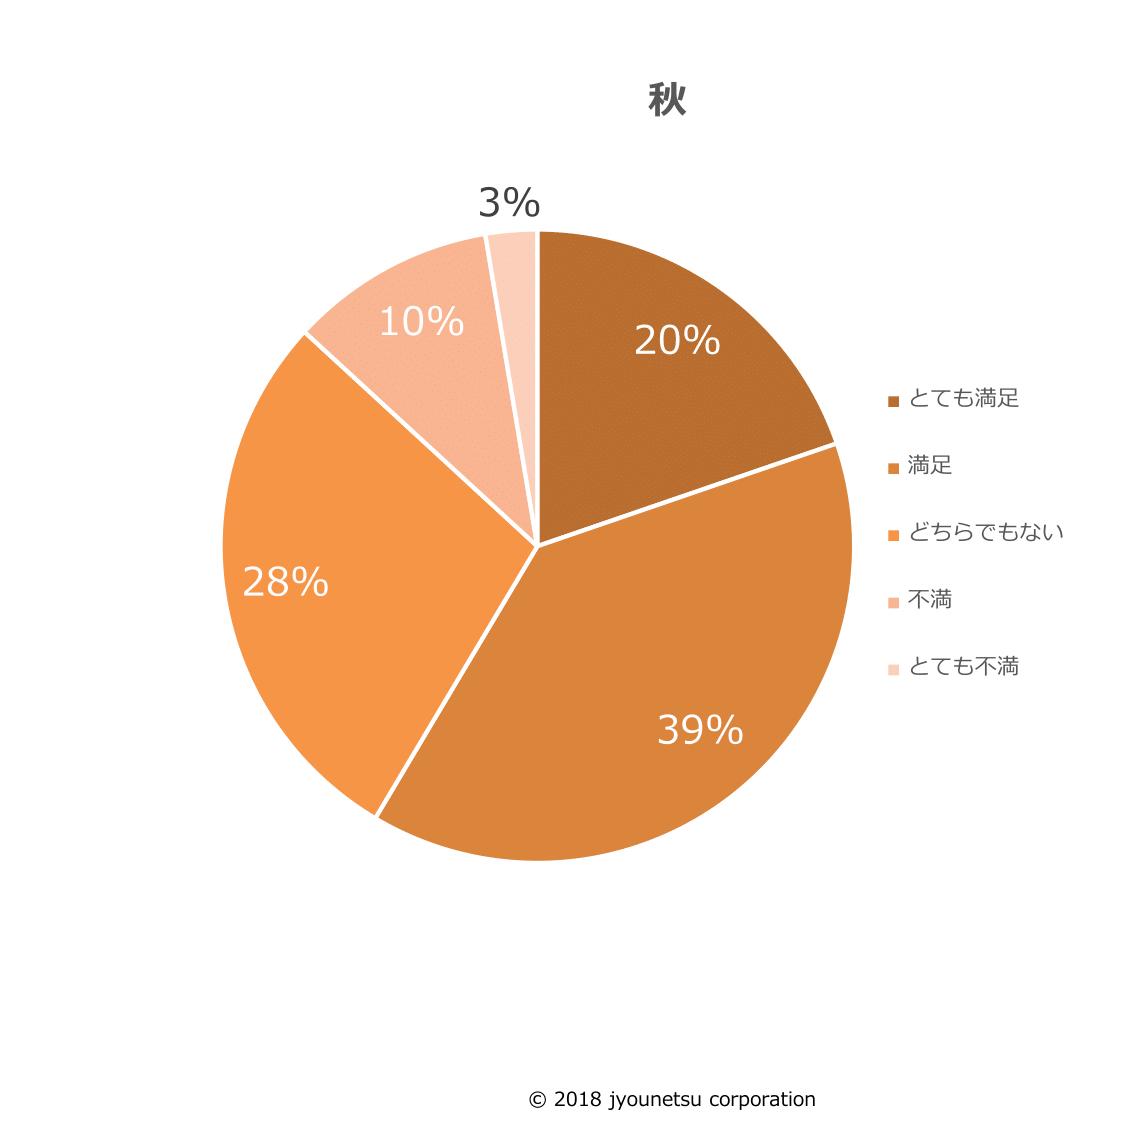 2018年度の新入社員が、今の会社の人間関係に満足しているか答えたアンケート結果のグラフ